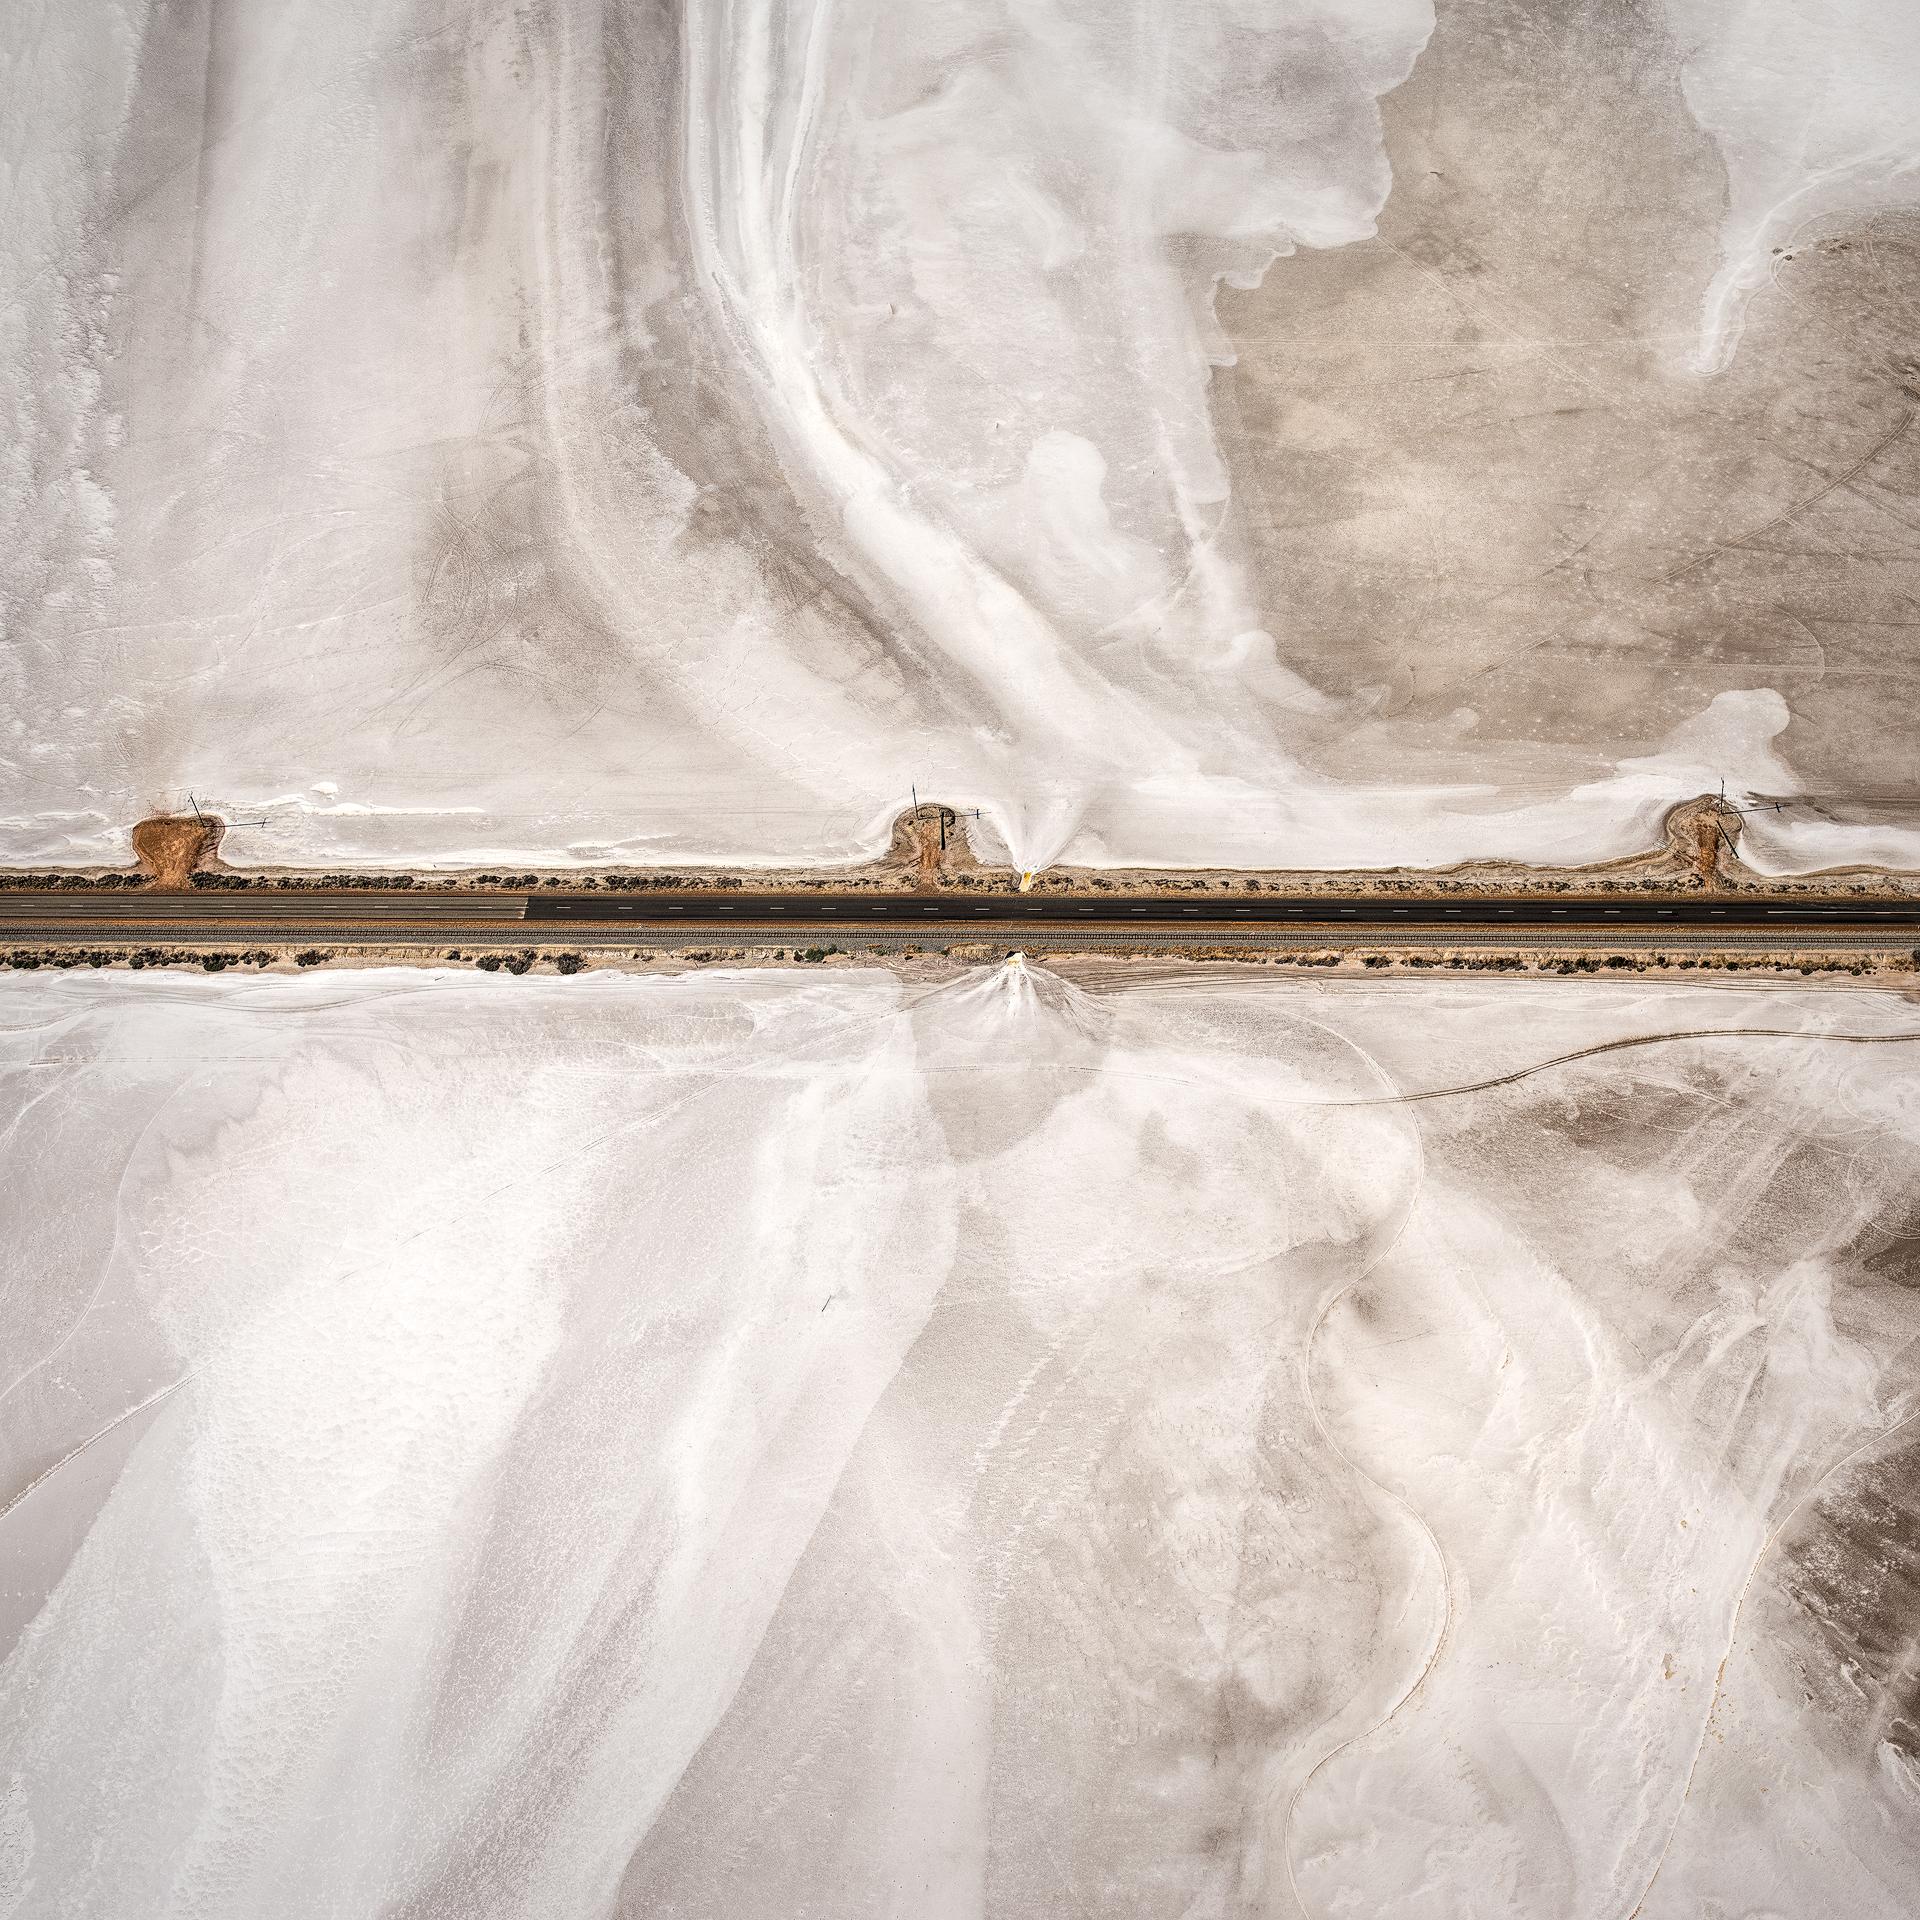 salisbury_robert_southwest_aerial_1_2017.jpg